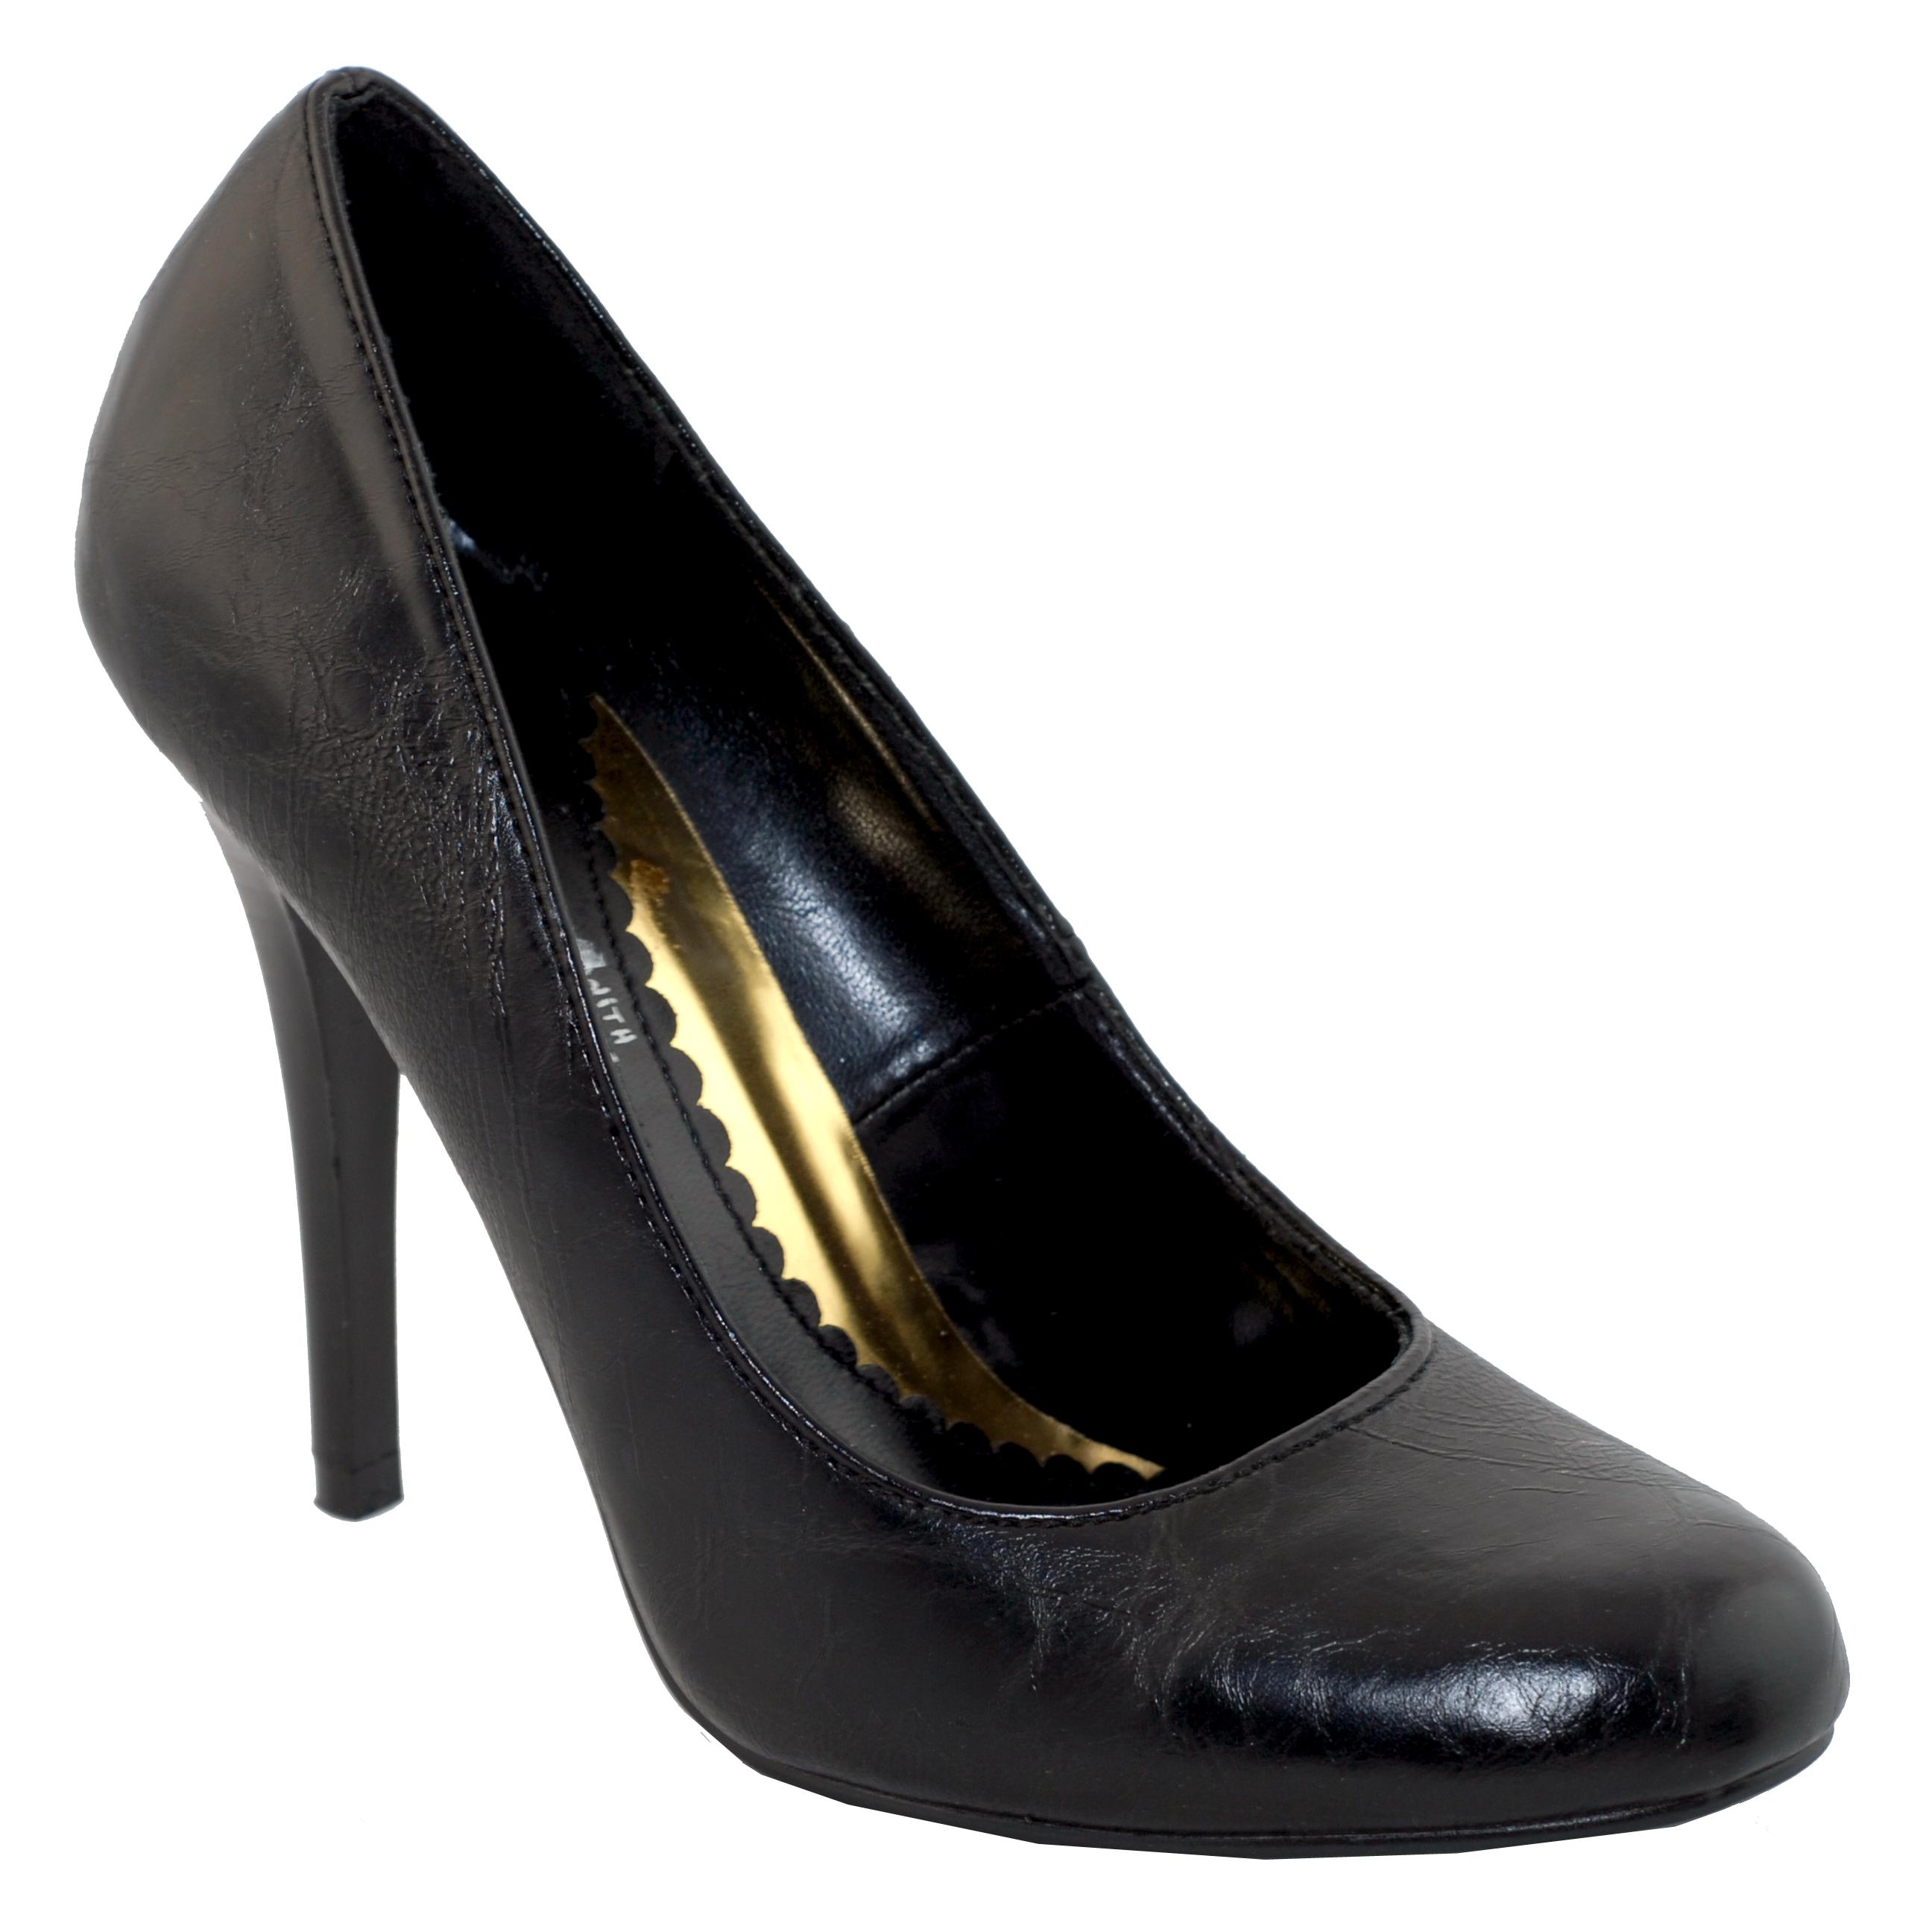 black court shoe uk sizes 3 5 6 7 8 ebay